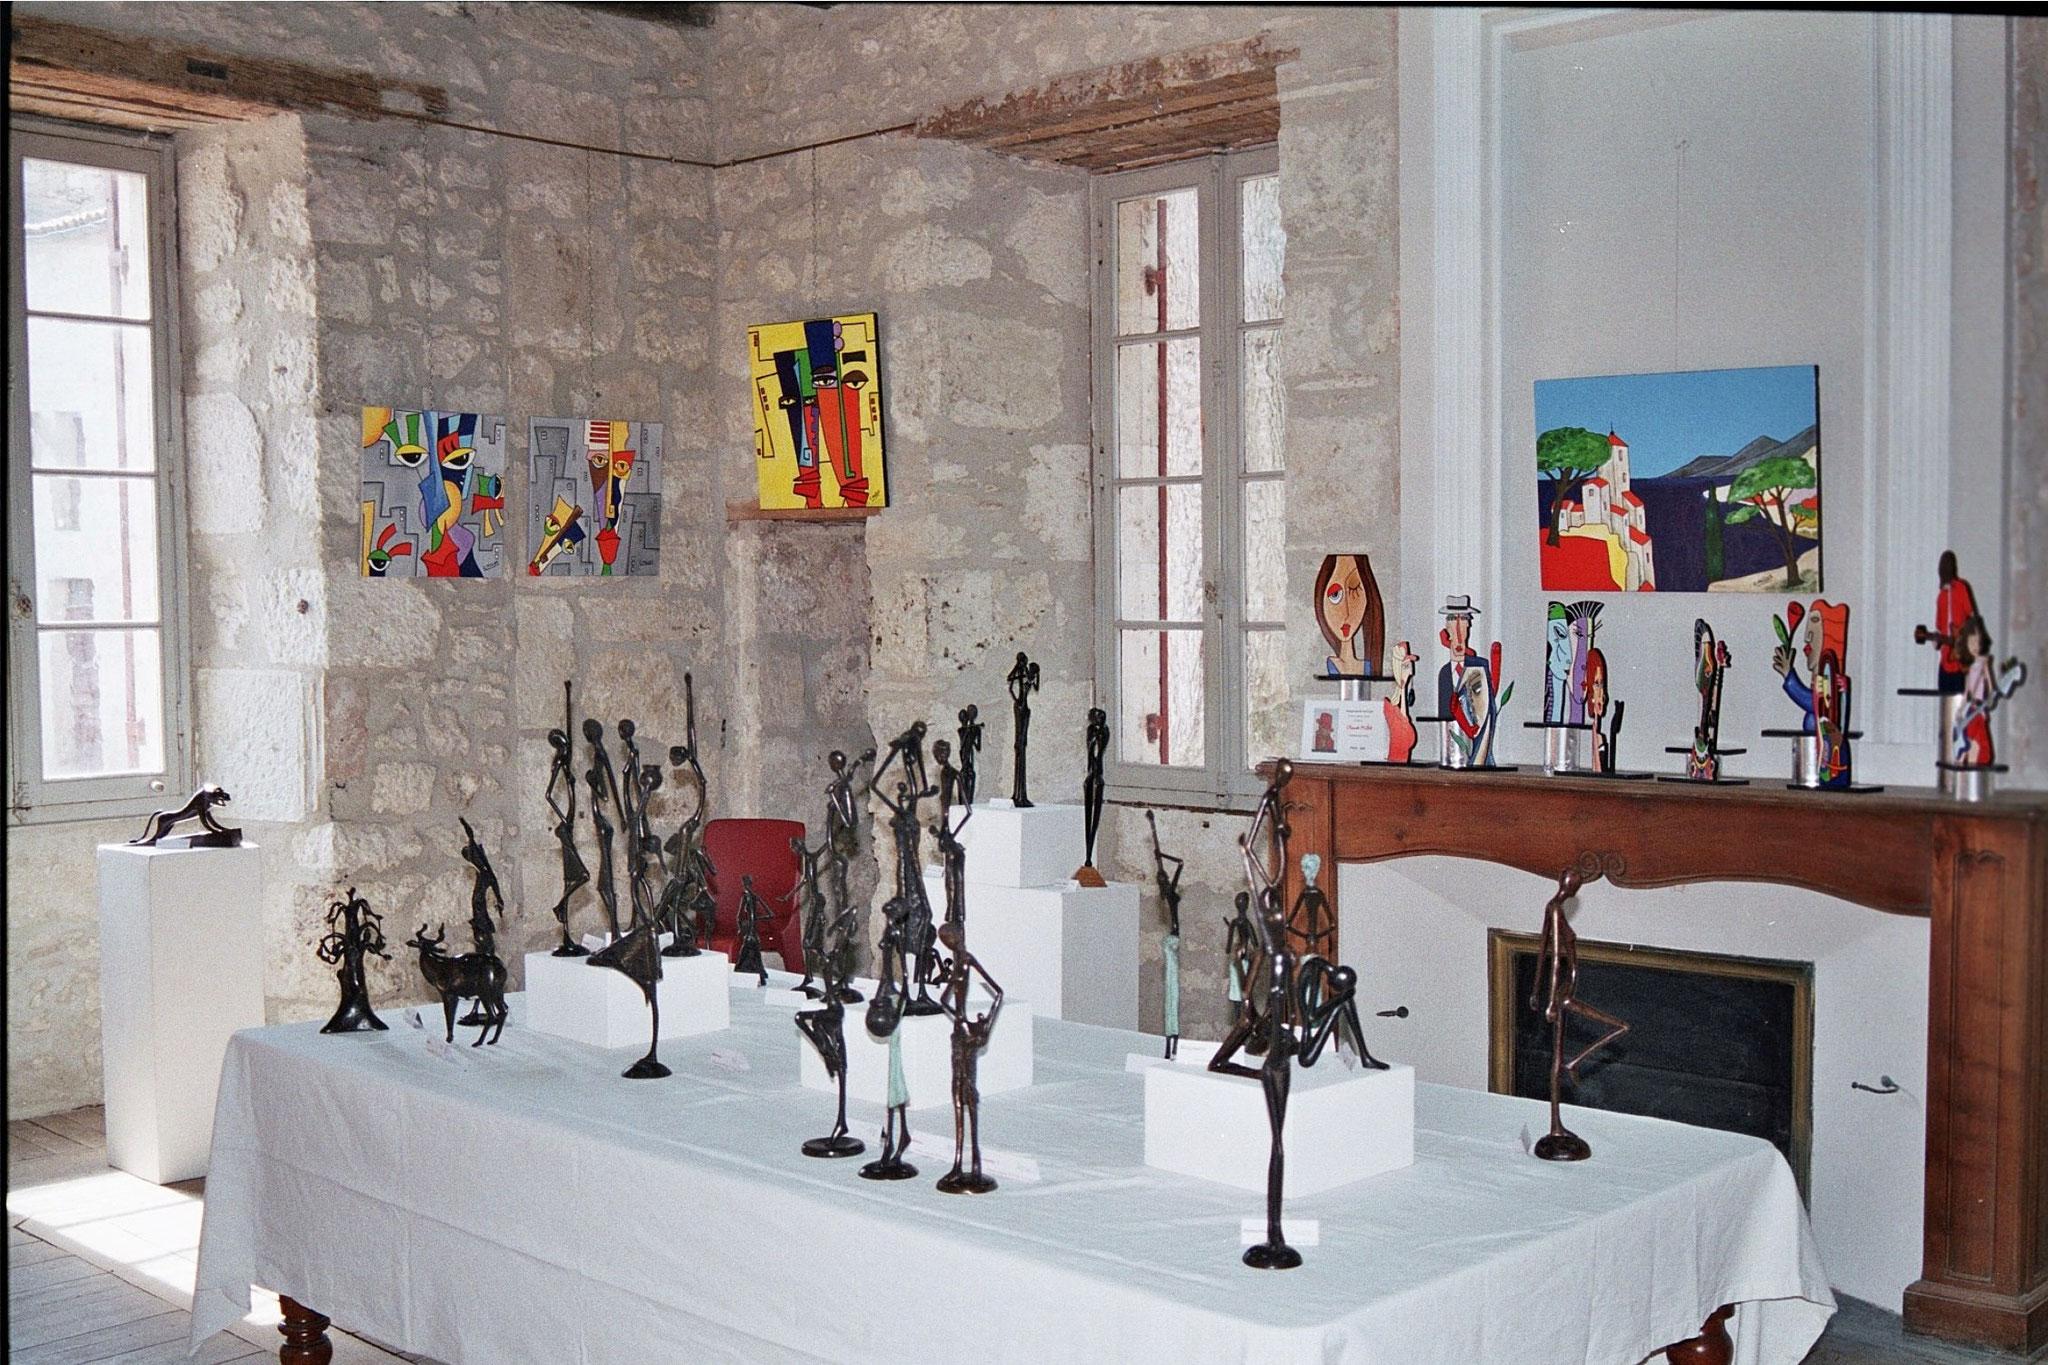 2015 - 24 Eymet - Salle du Câteau -  Exposition avec Eve Delaneuville, sculpteur sur bois, Aliou Bolly et Claude Millet, artistes peintres